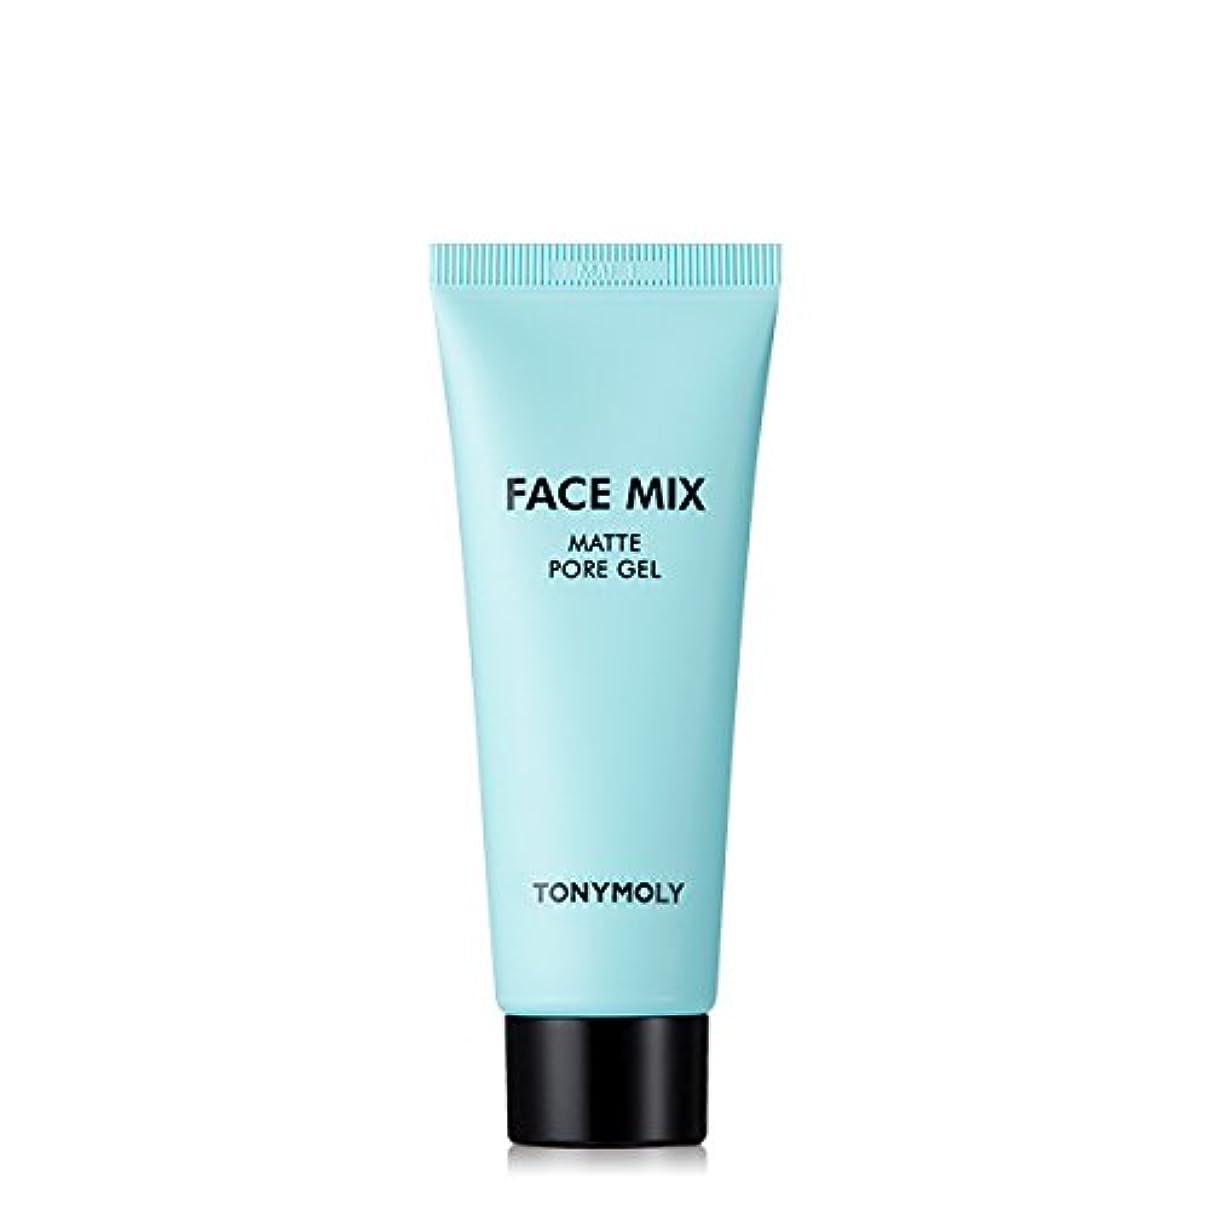 ブランド兵士スクラップTONYMOLY Face Mix Matte Pore Gel トニーモリーフェースミックスマットポアジェル [並行輸入品]